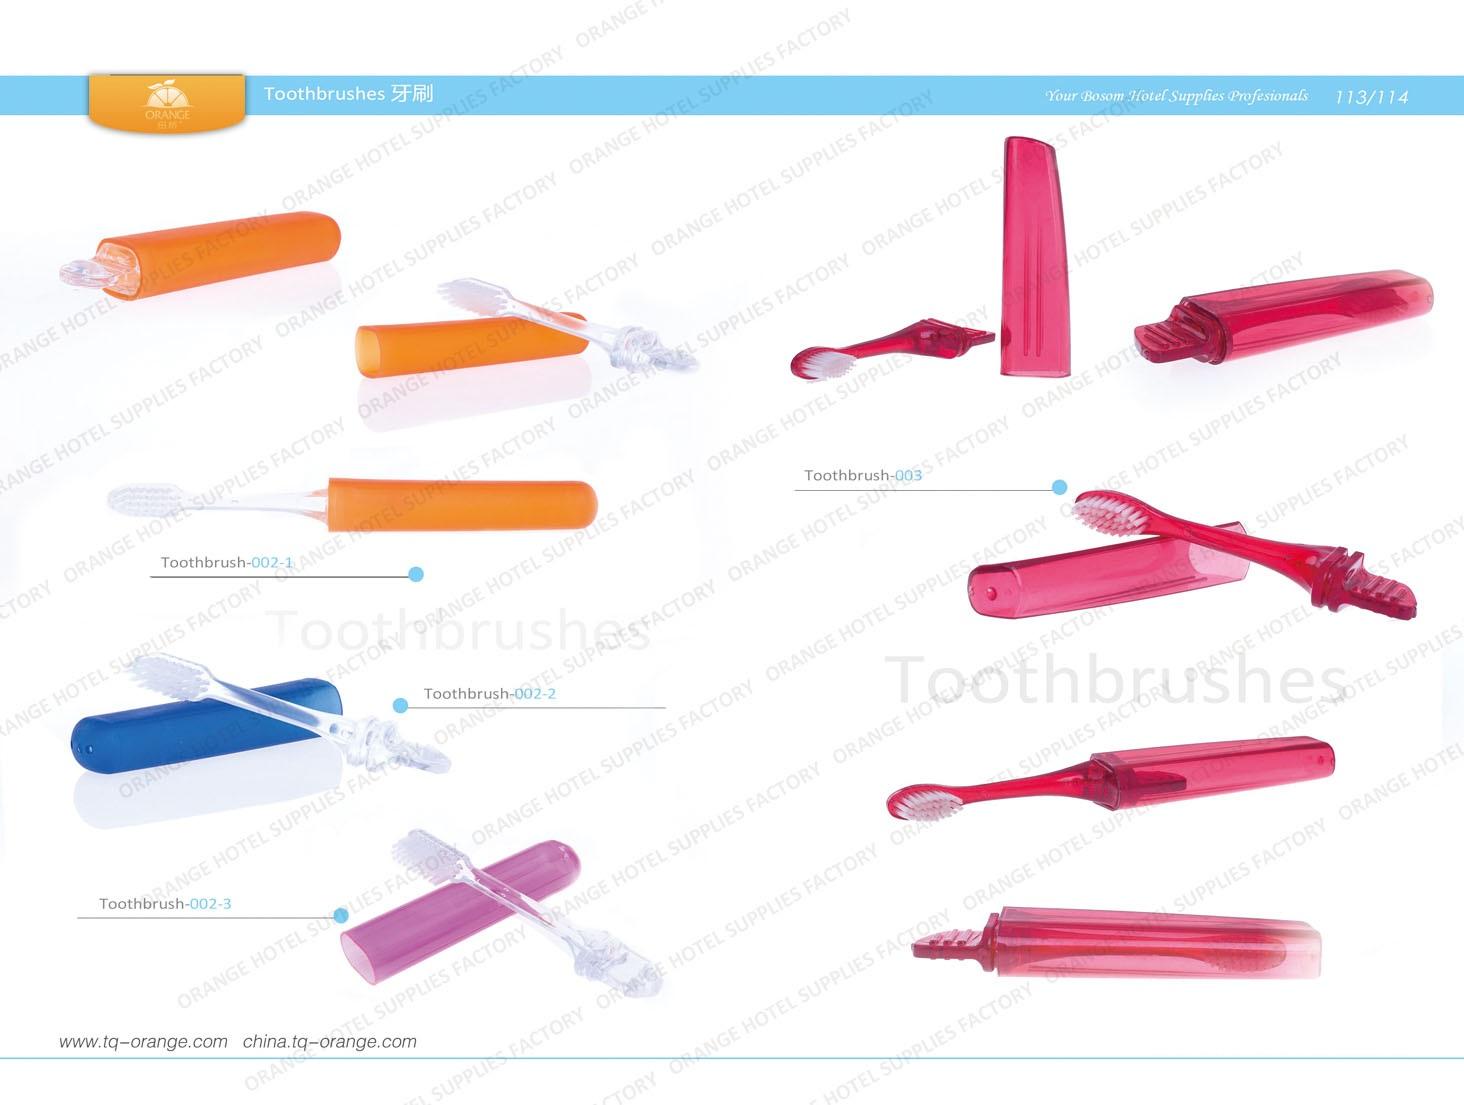 Toothbrush 002